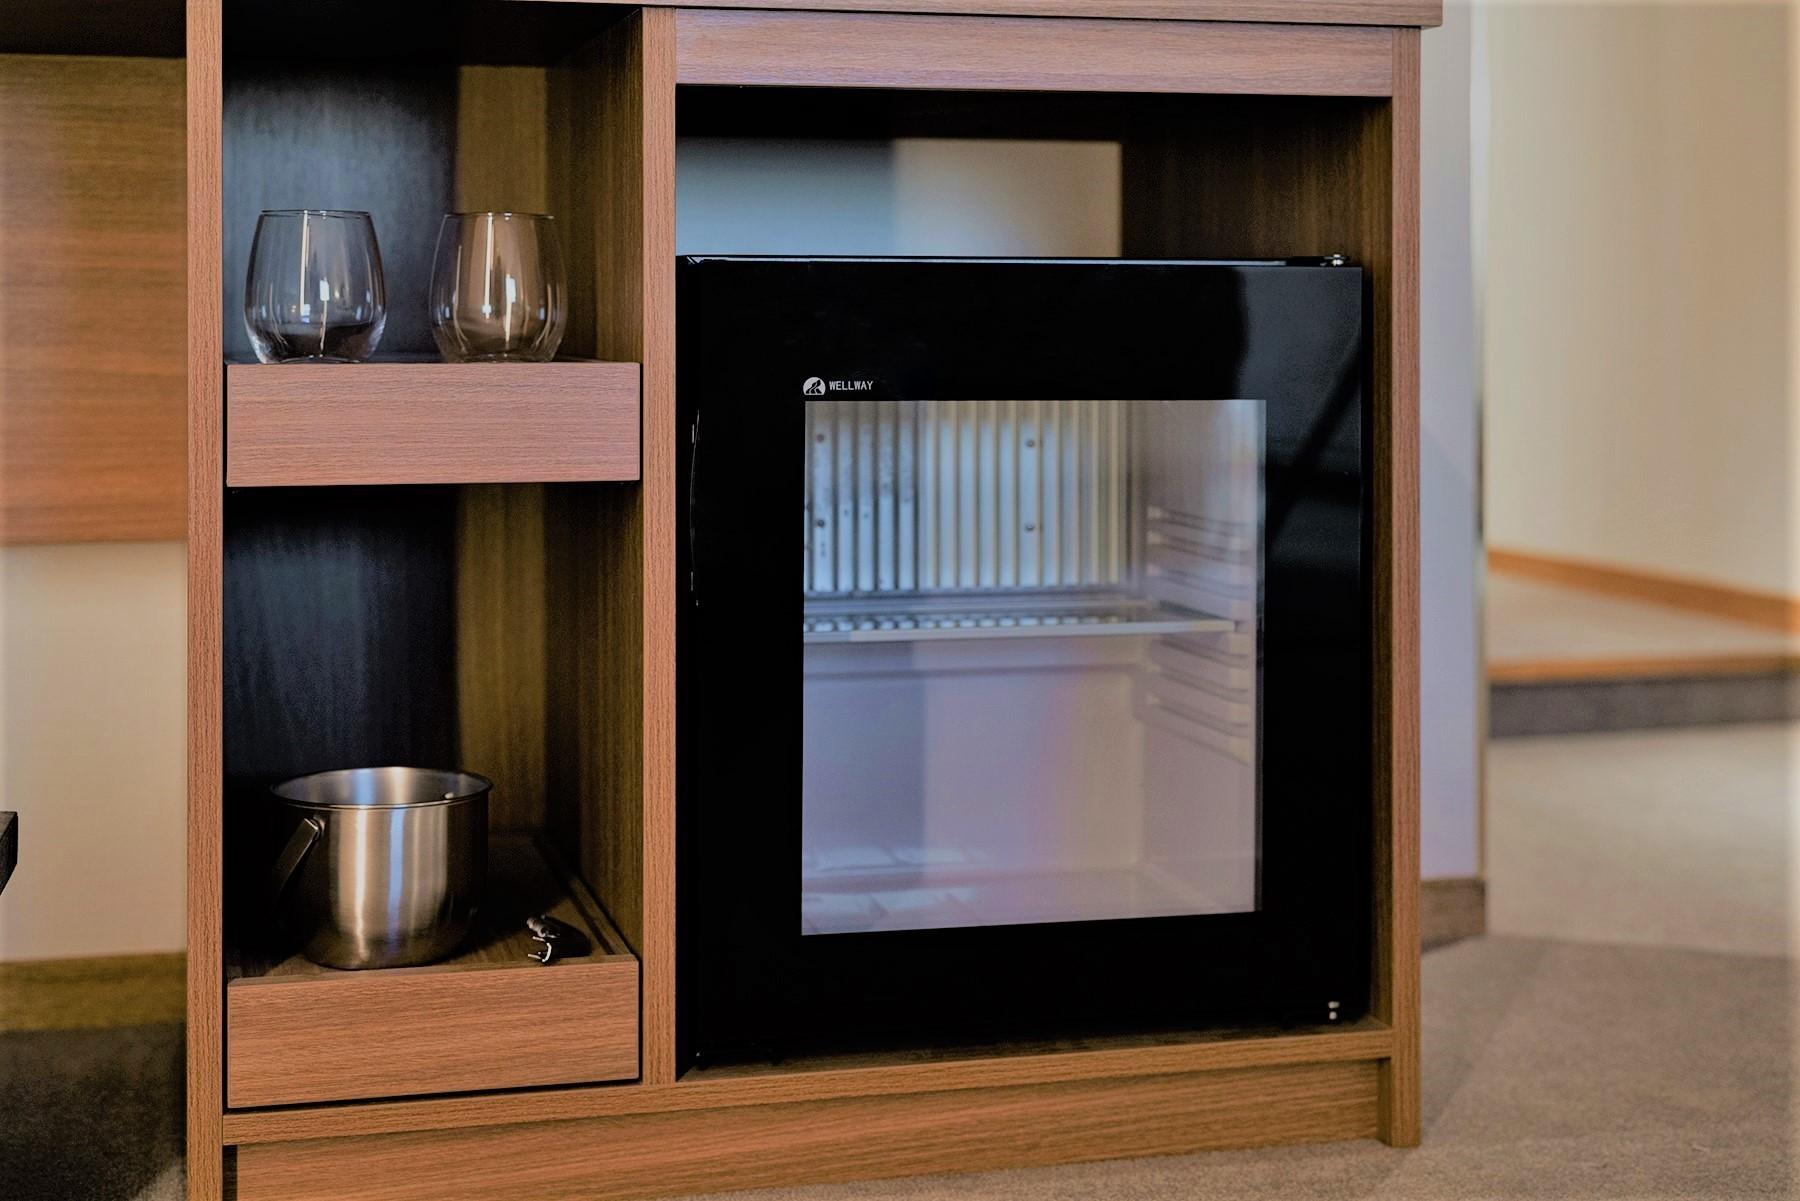 客室備品一例(冷蔵庫)